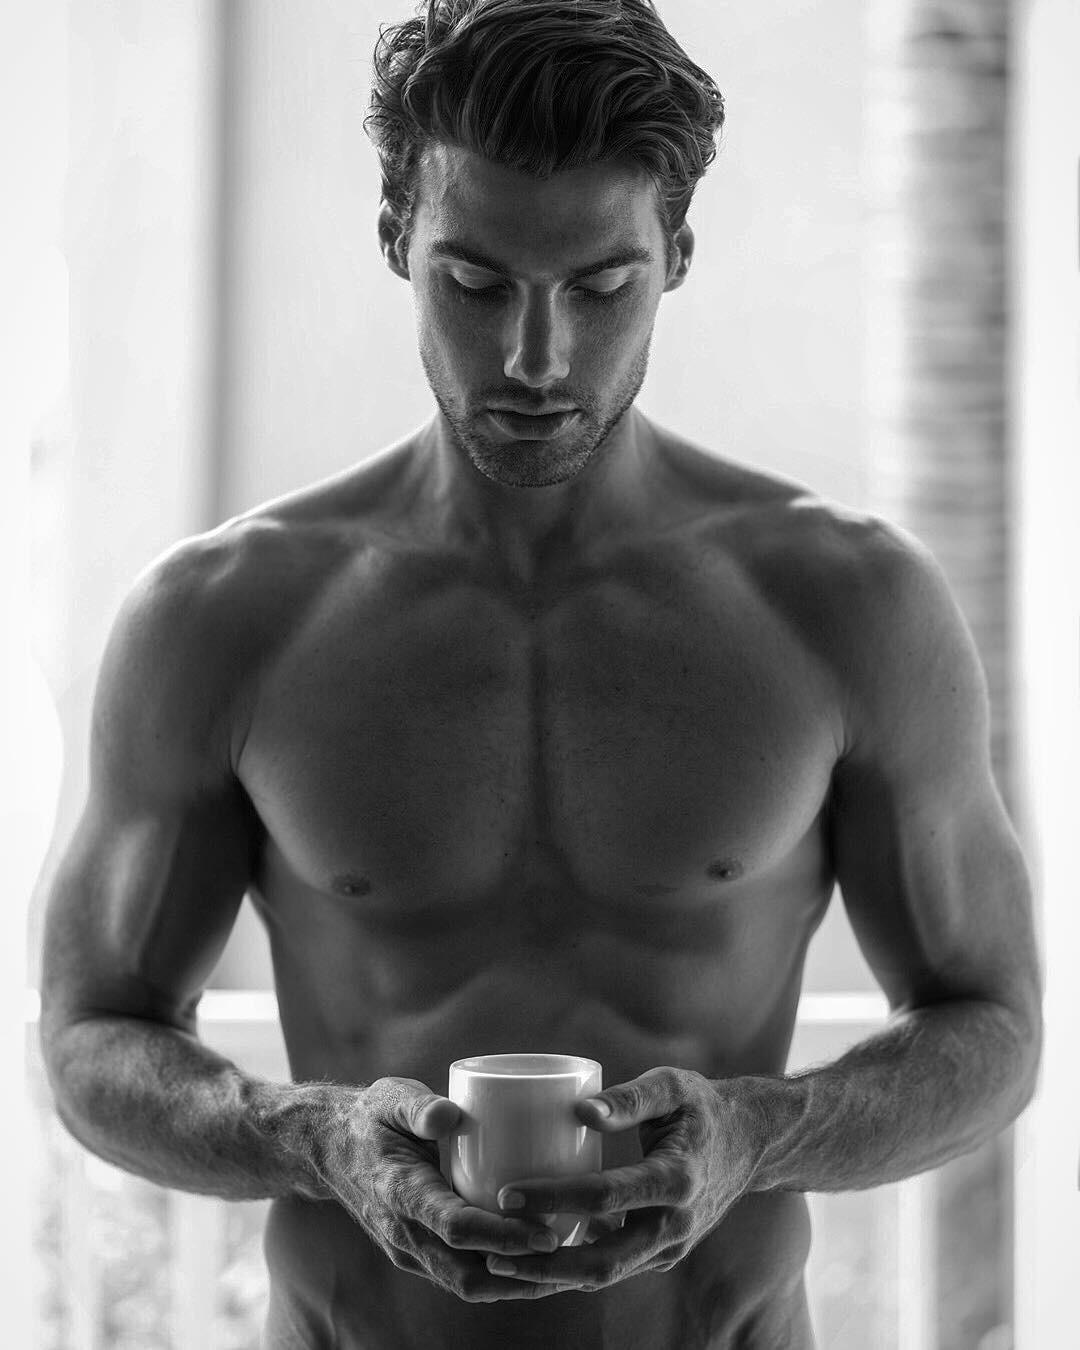 Картинка кофе с мужчиной